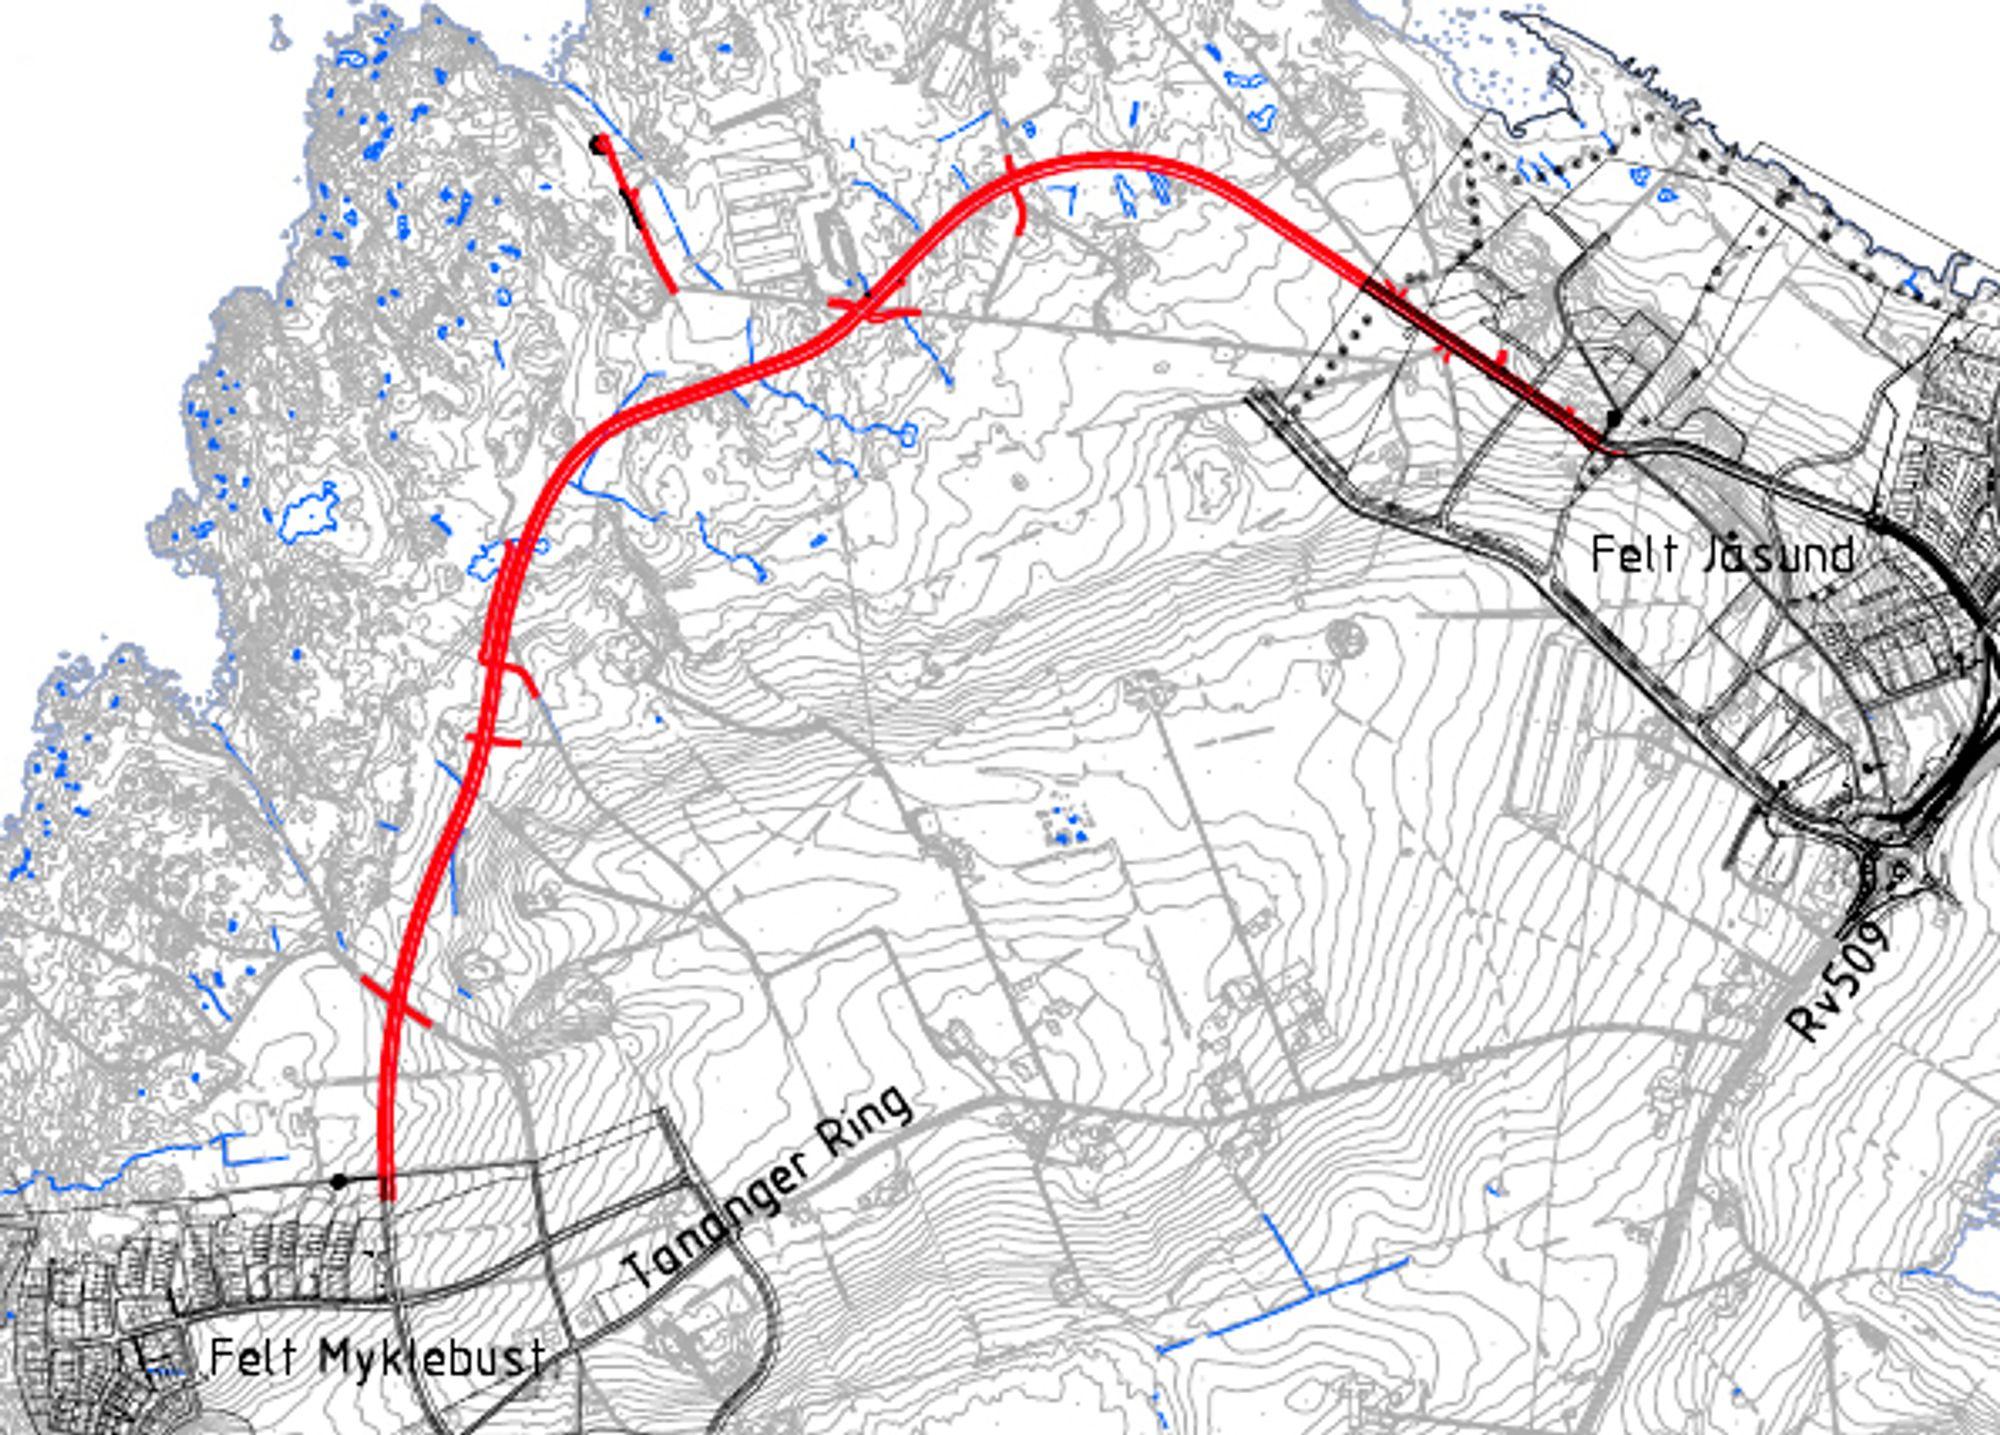 Den nye fylkesvegen er markert med rødt. Den blir anlagt av en entreprenør fra Rogaland. Ill.: Statens vegvesen